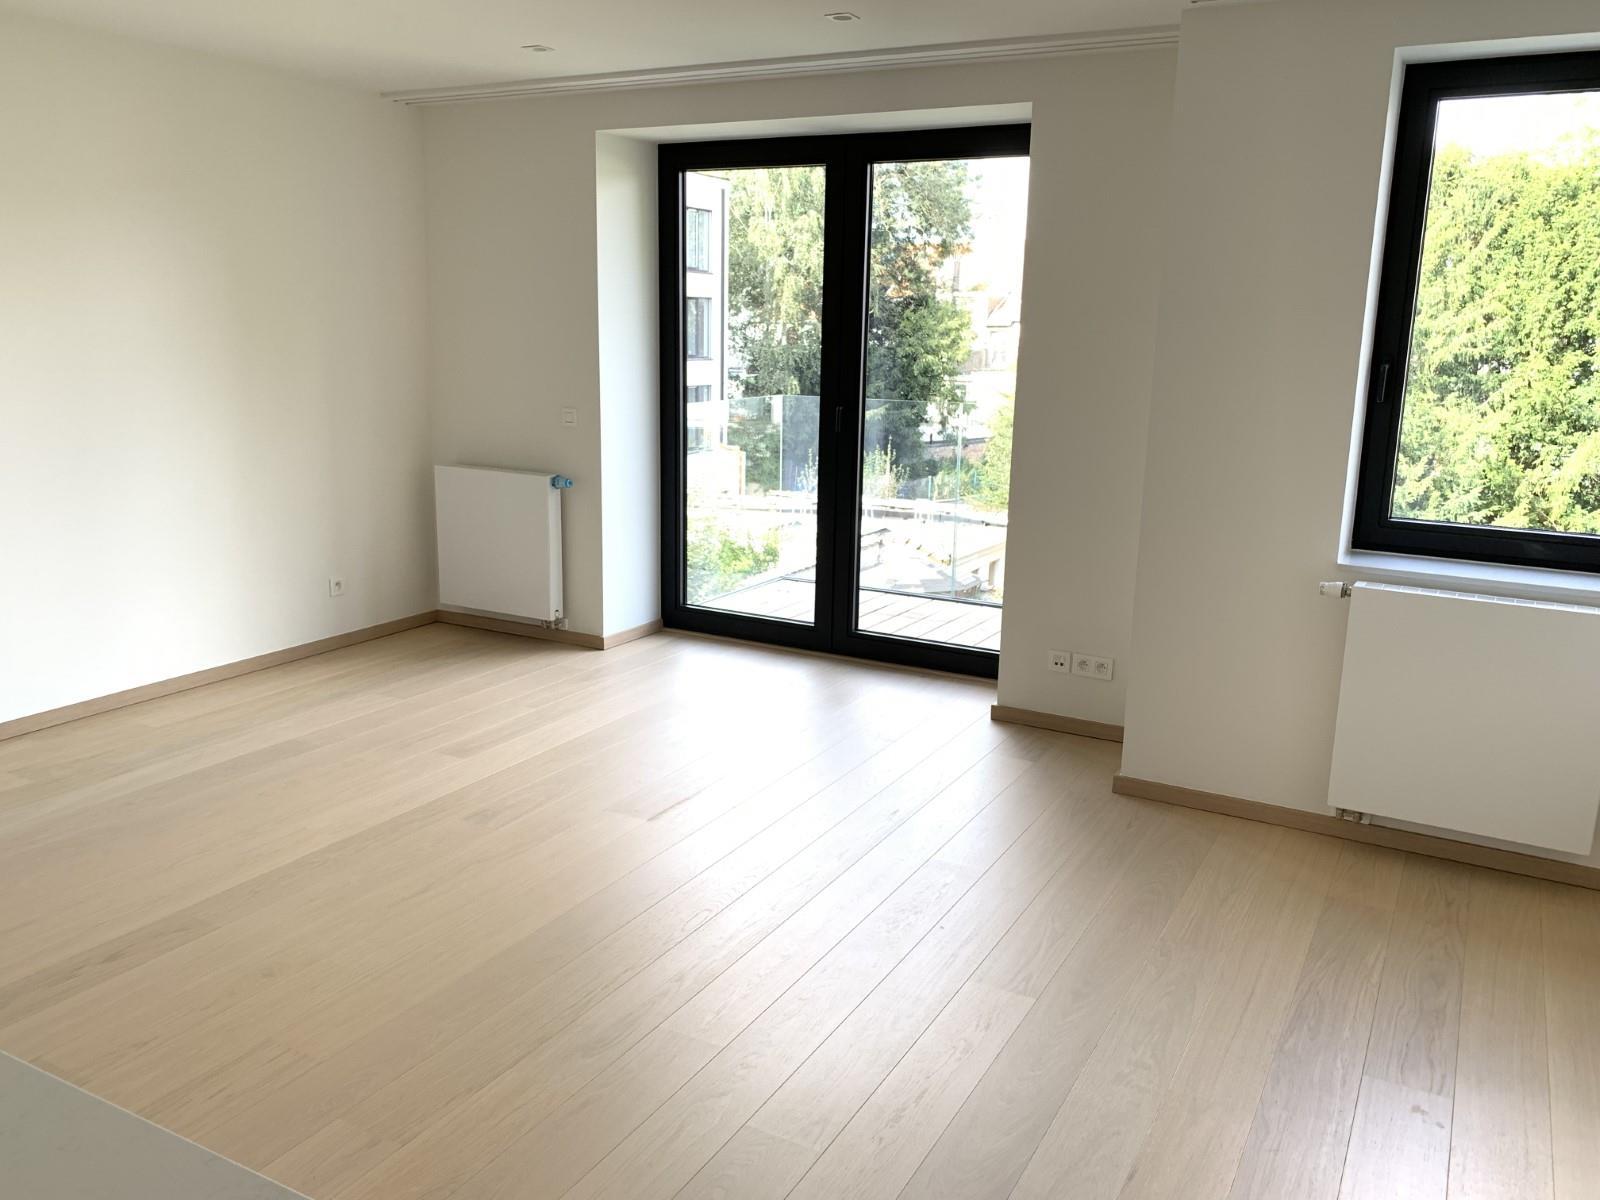 Appartement exceptionnel - Ixelles - #3965099-1